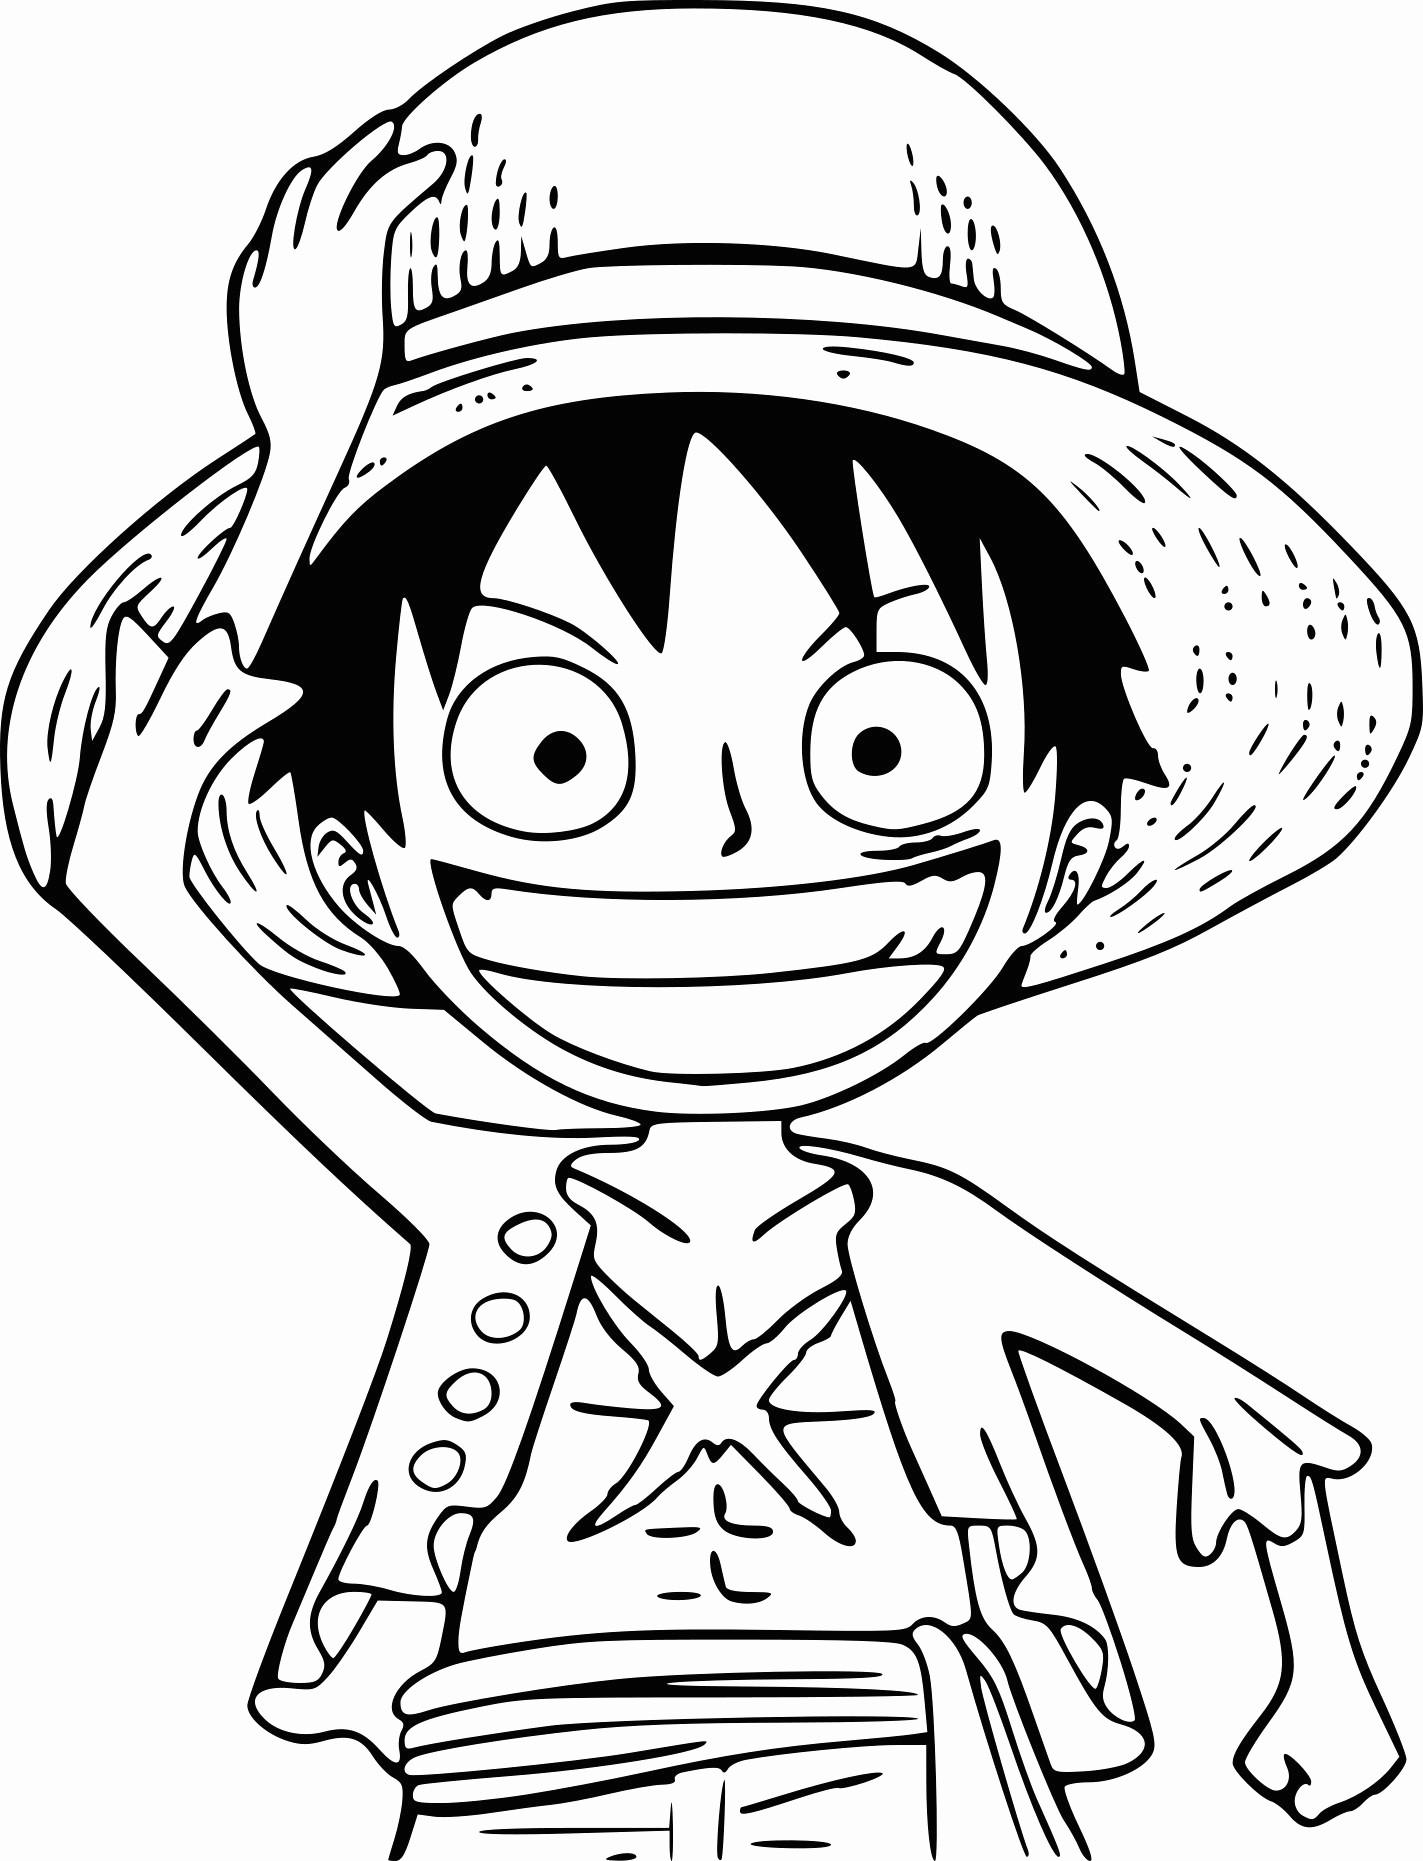 Coloriages À Imprimer : One Piece, Numéro : 19F273F2 serapportantà Dessin De Vague A Imprimer